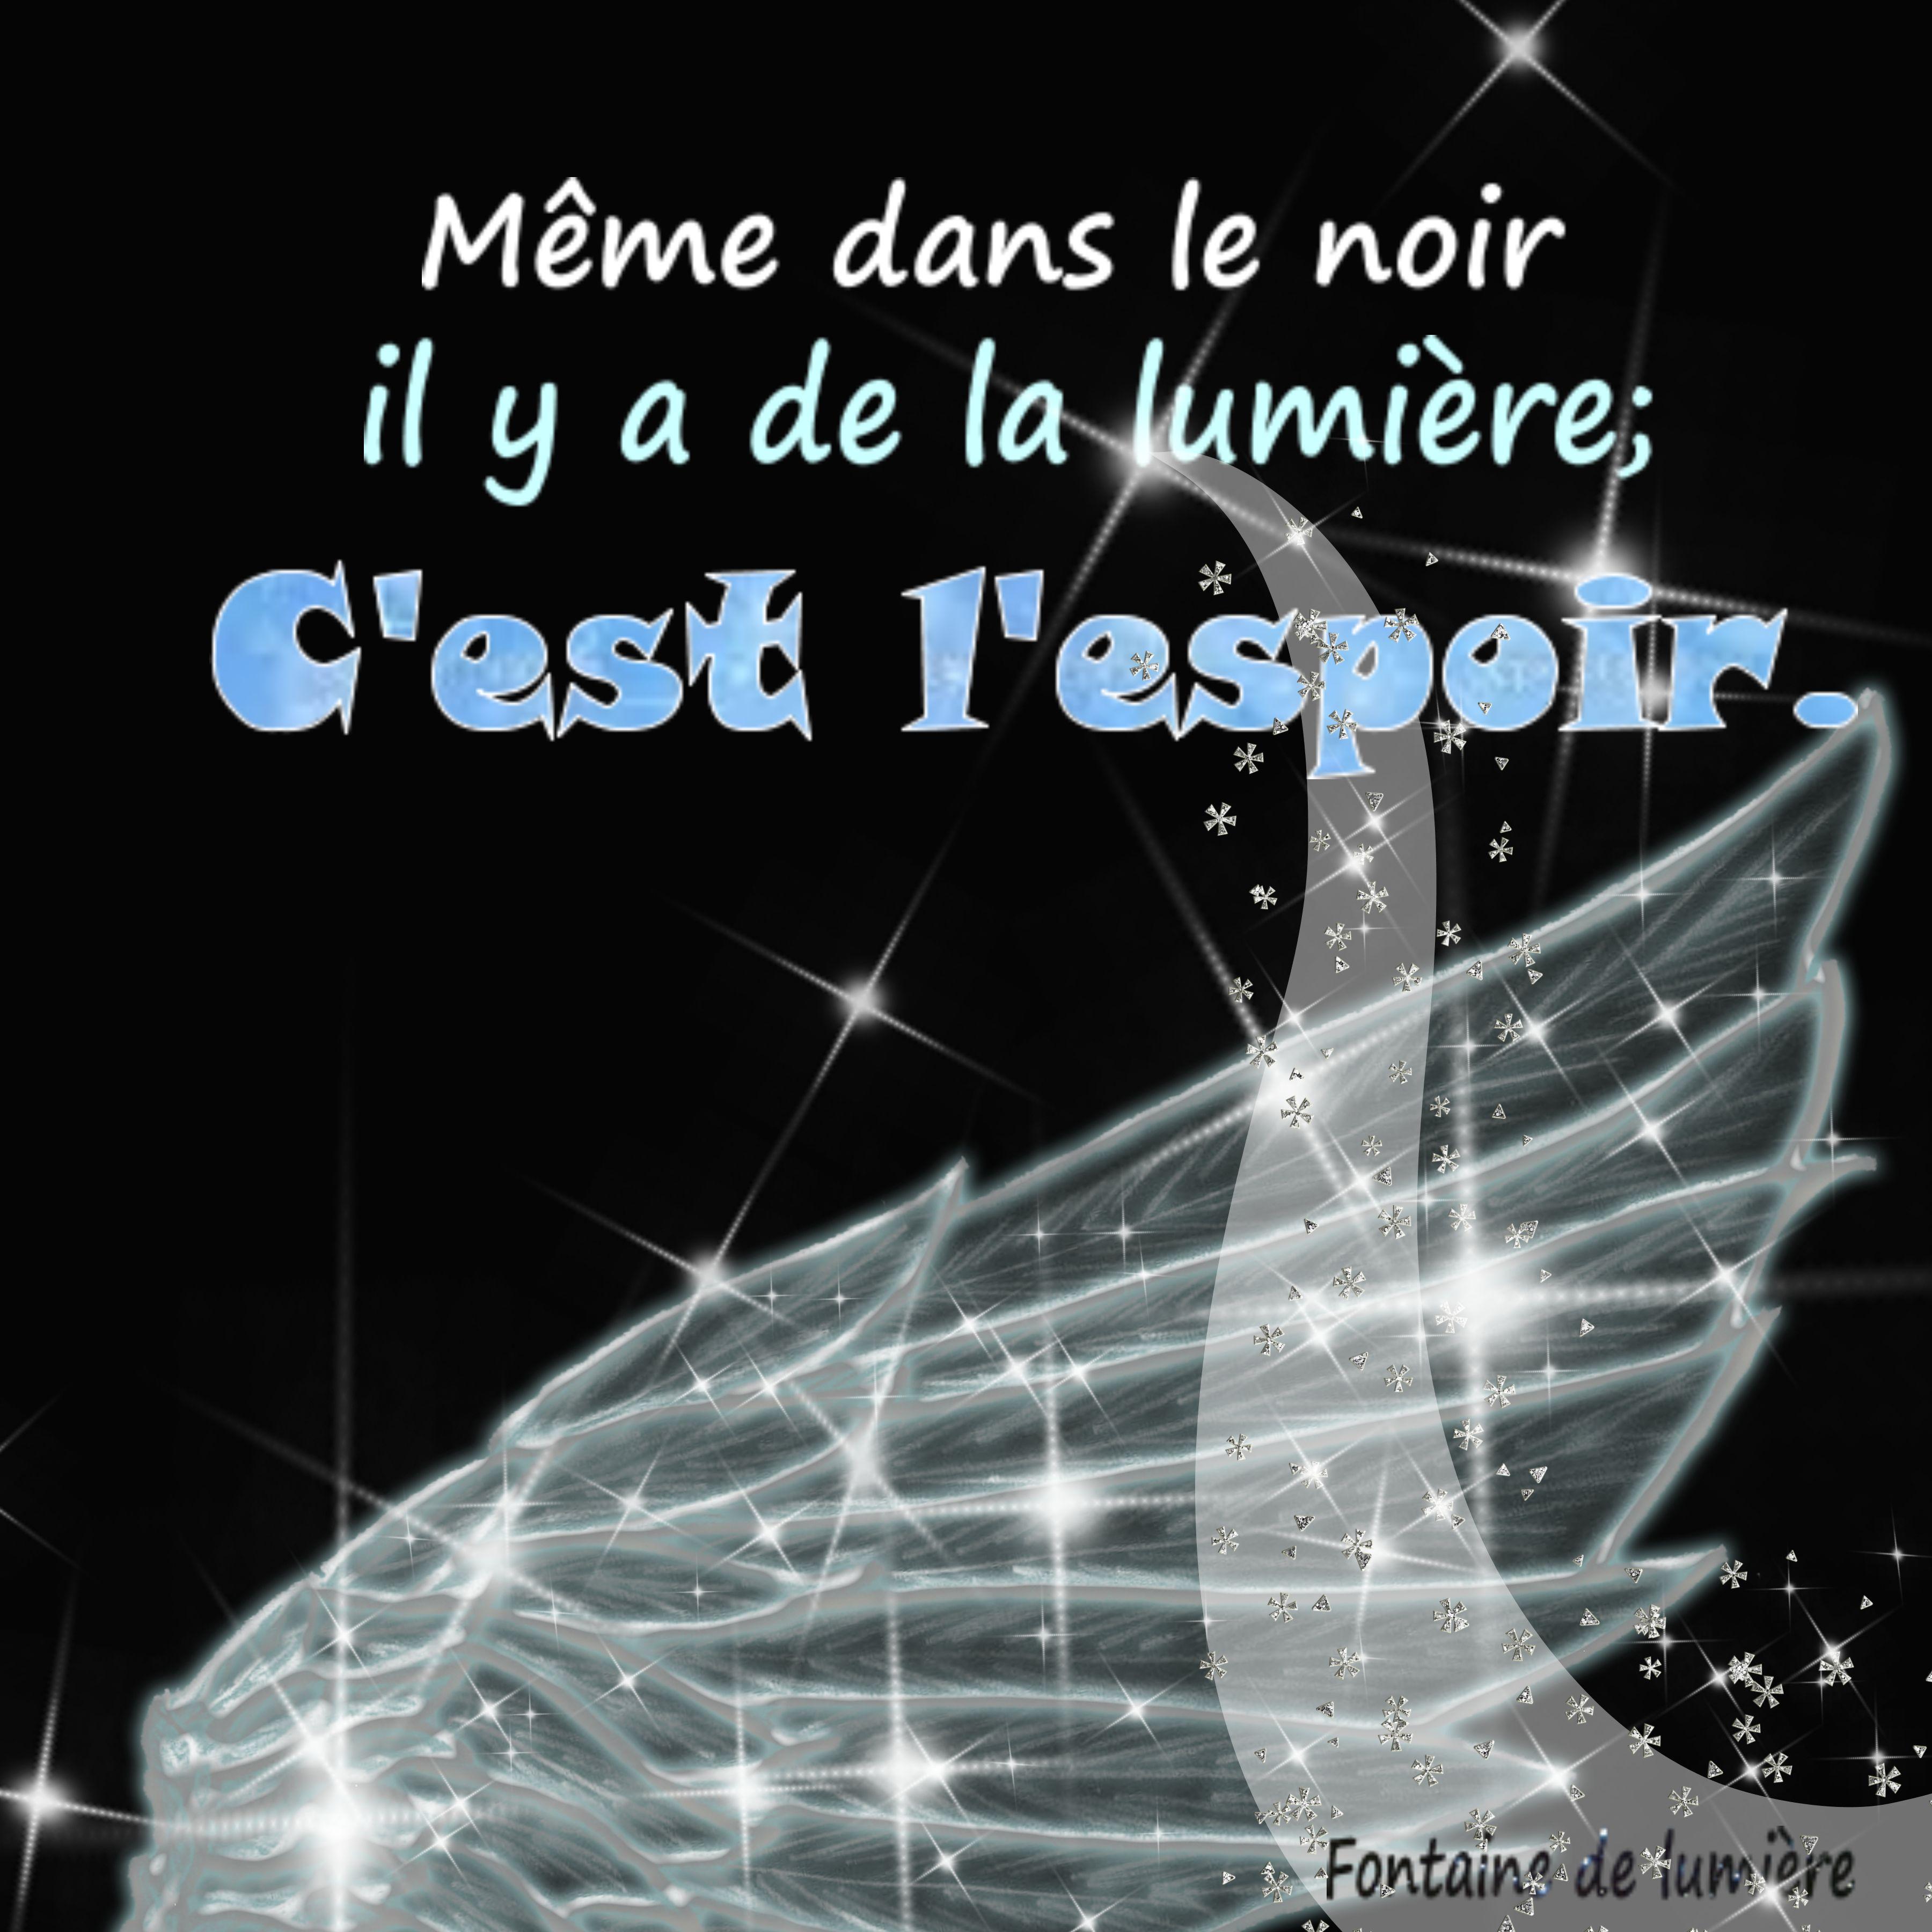 lueur despoirwsuite_2-001